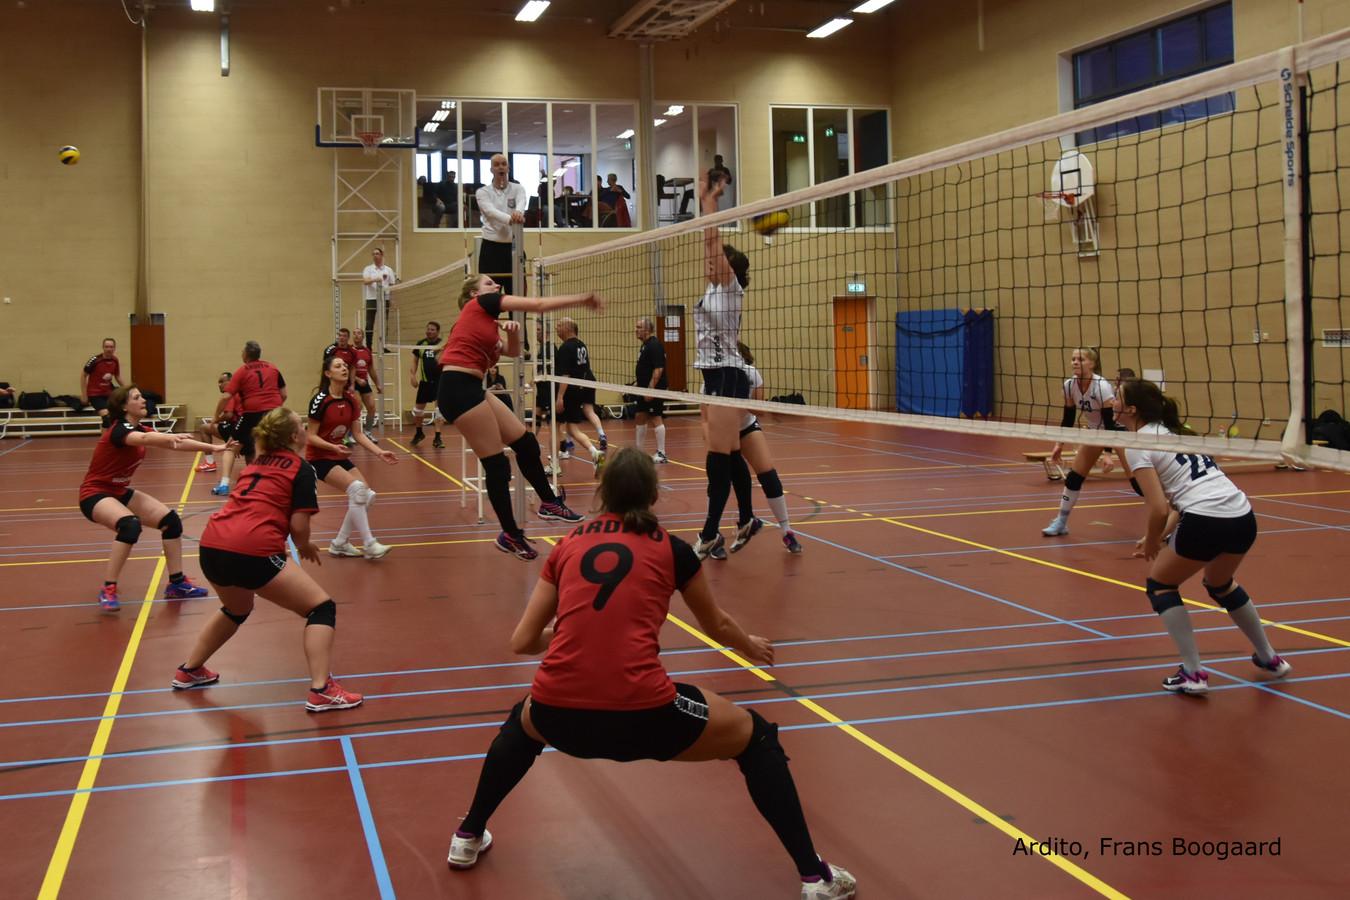 De volleybalsters van Ardito verloren thuis met 3-1 van koploper De Burgst 2.